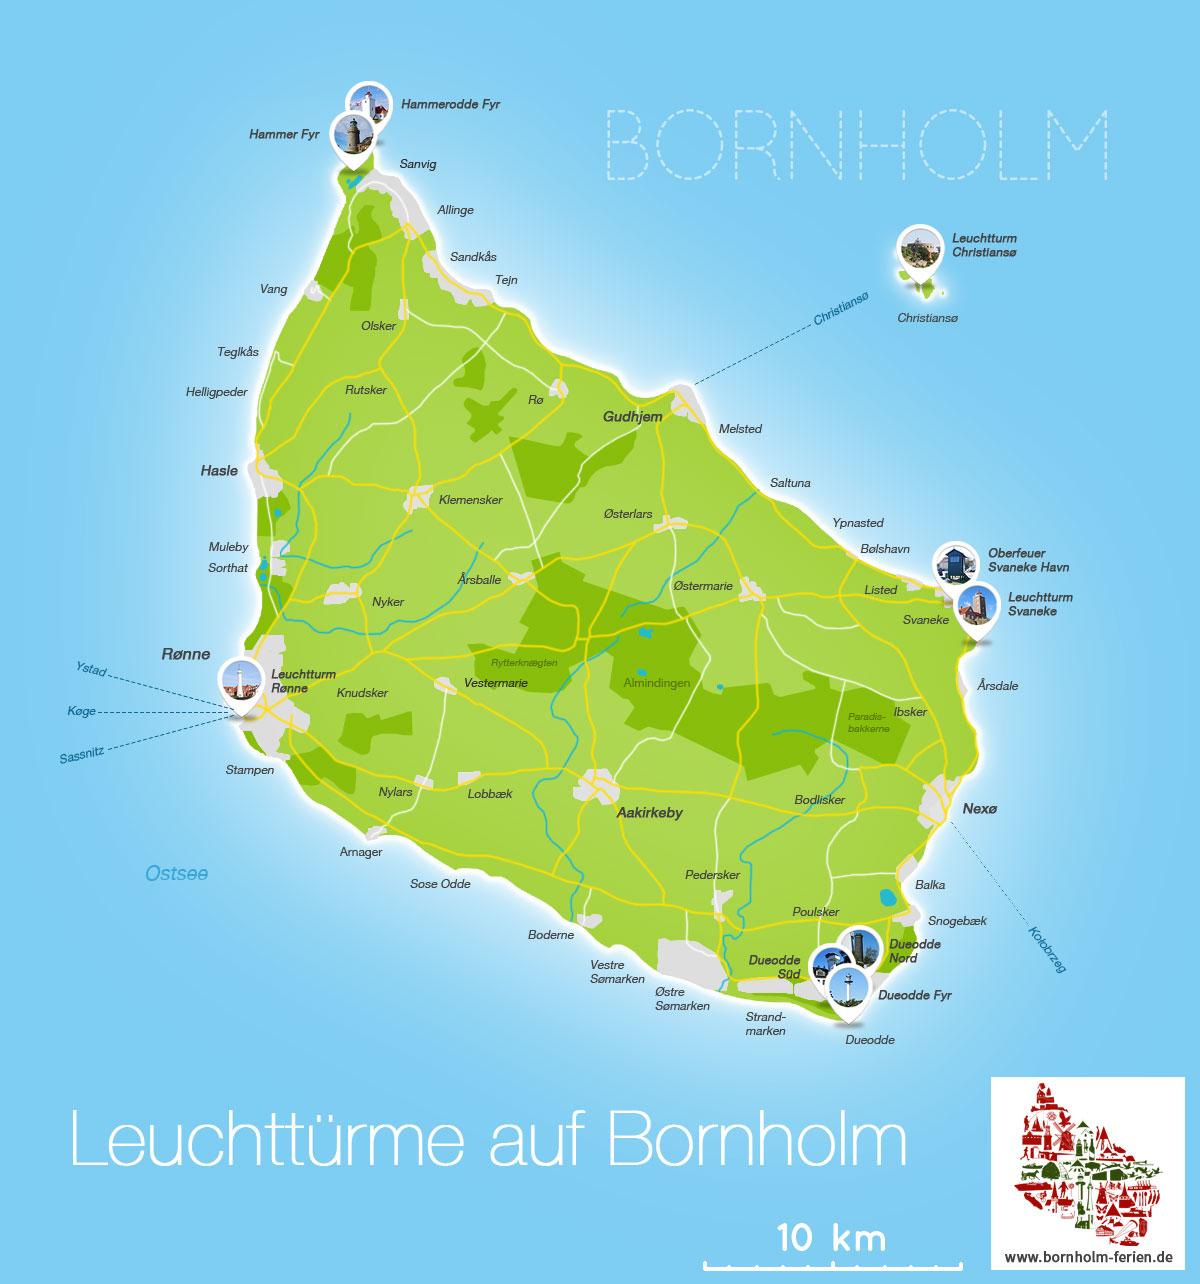 leuchttürme dänemark karte Leuchttürme Insel Bornholm (Dänemark)   Alle Bornholmer